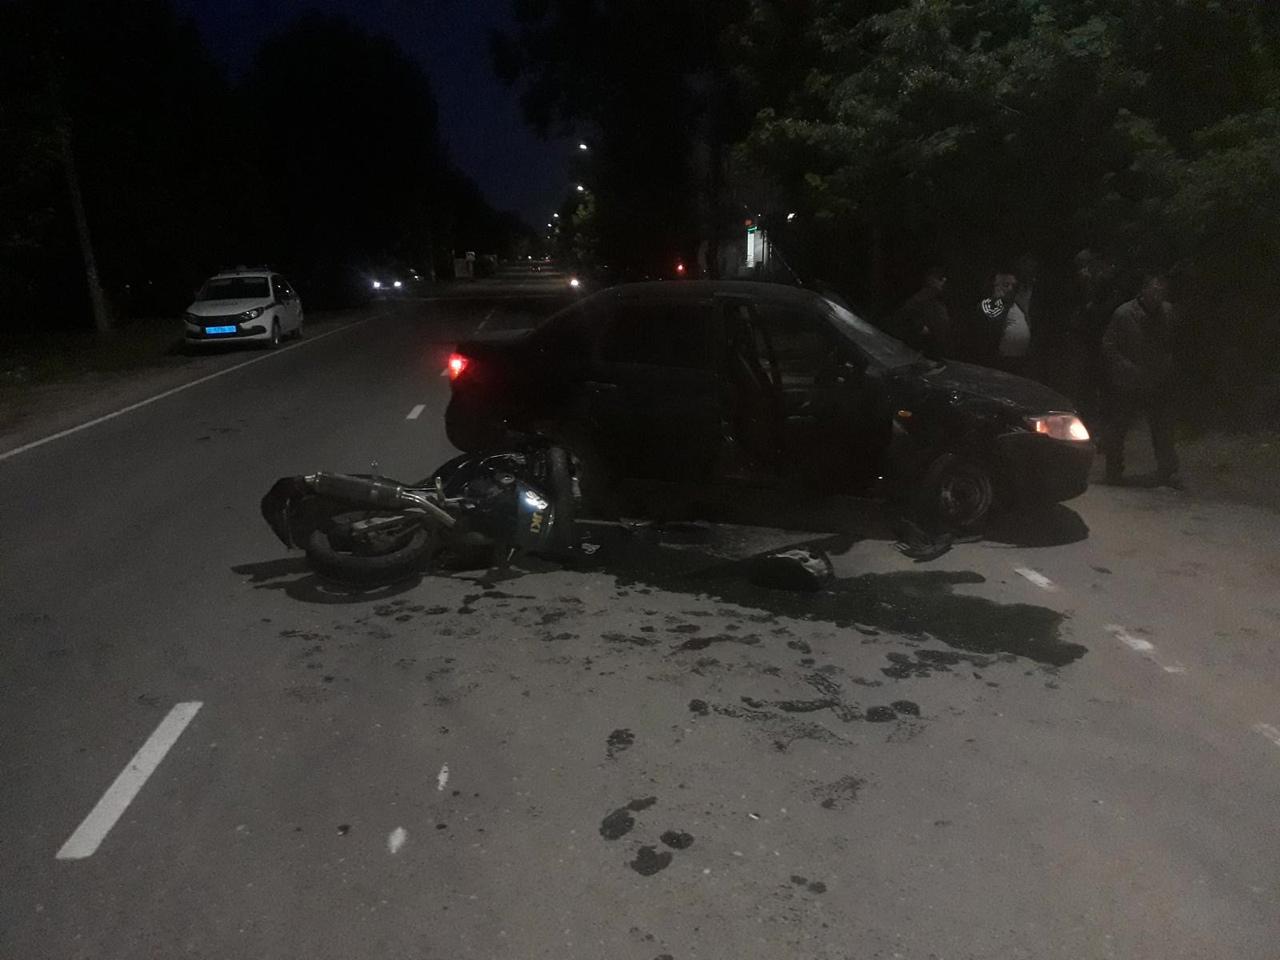 В Тверской области сбили 20-летнего мотоциклиста, он серьезно пострадал